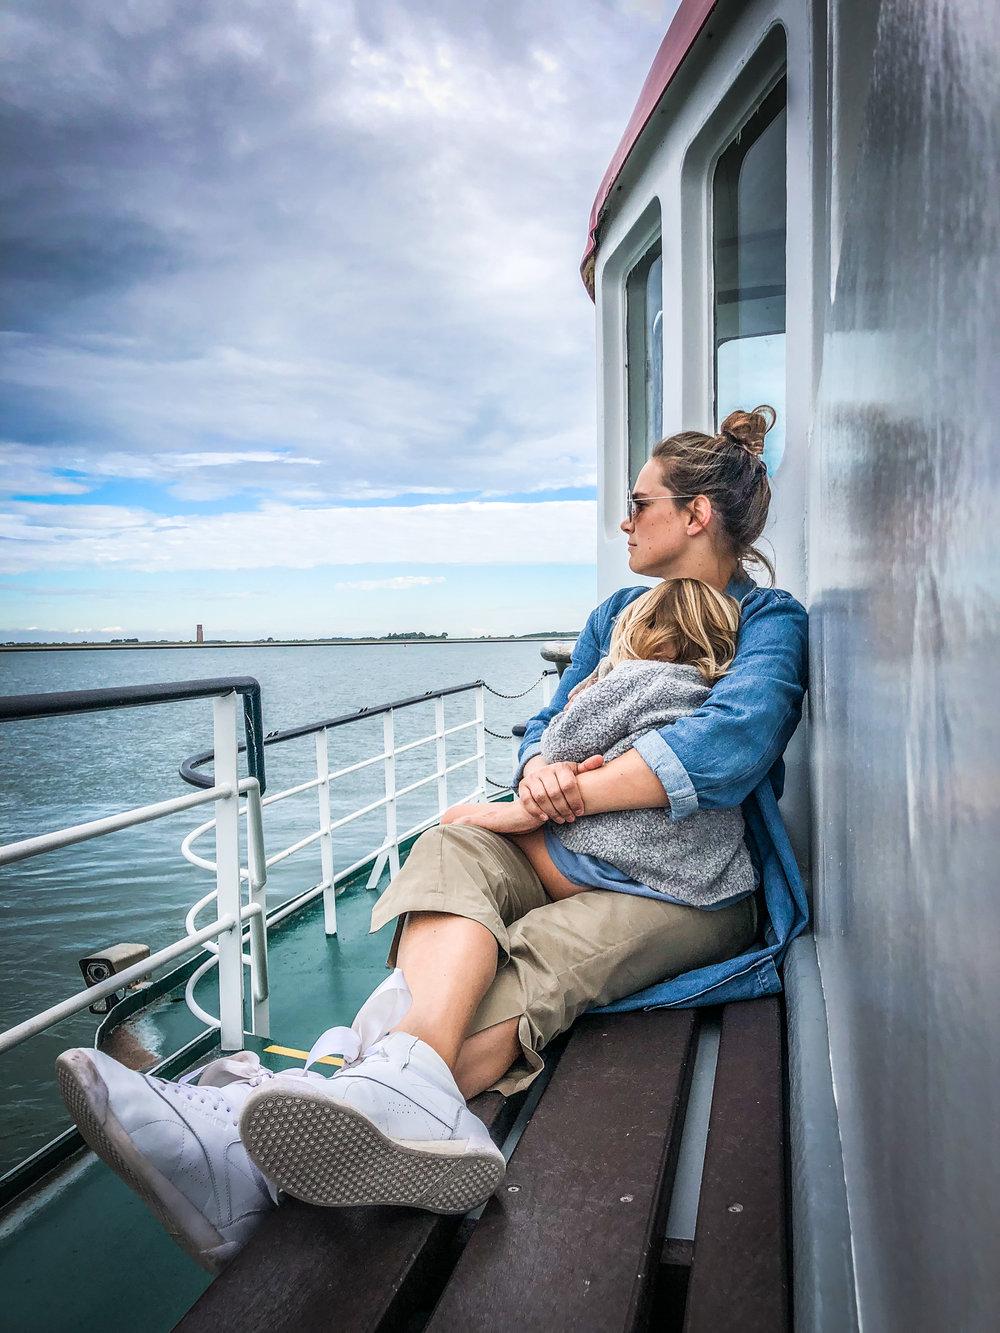 Oosterschelde - Rondvaart - Zeehonden spotten - mama dochter